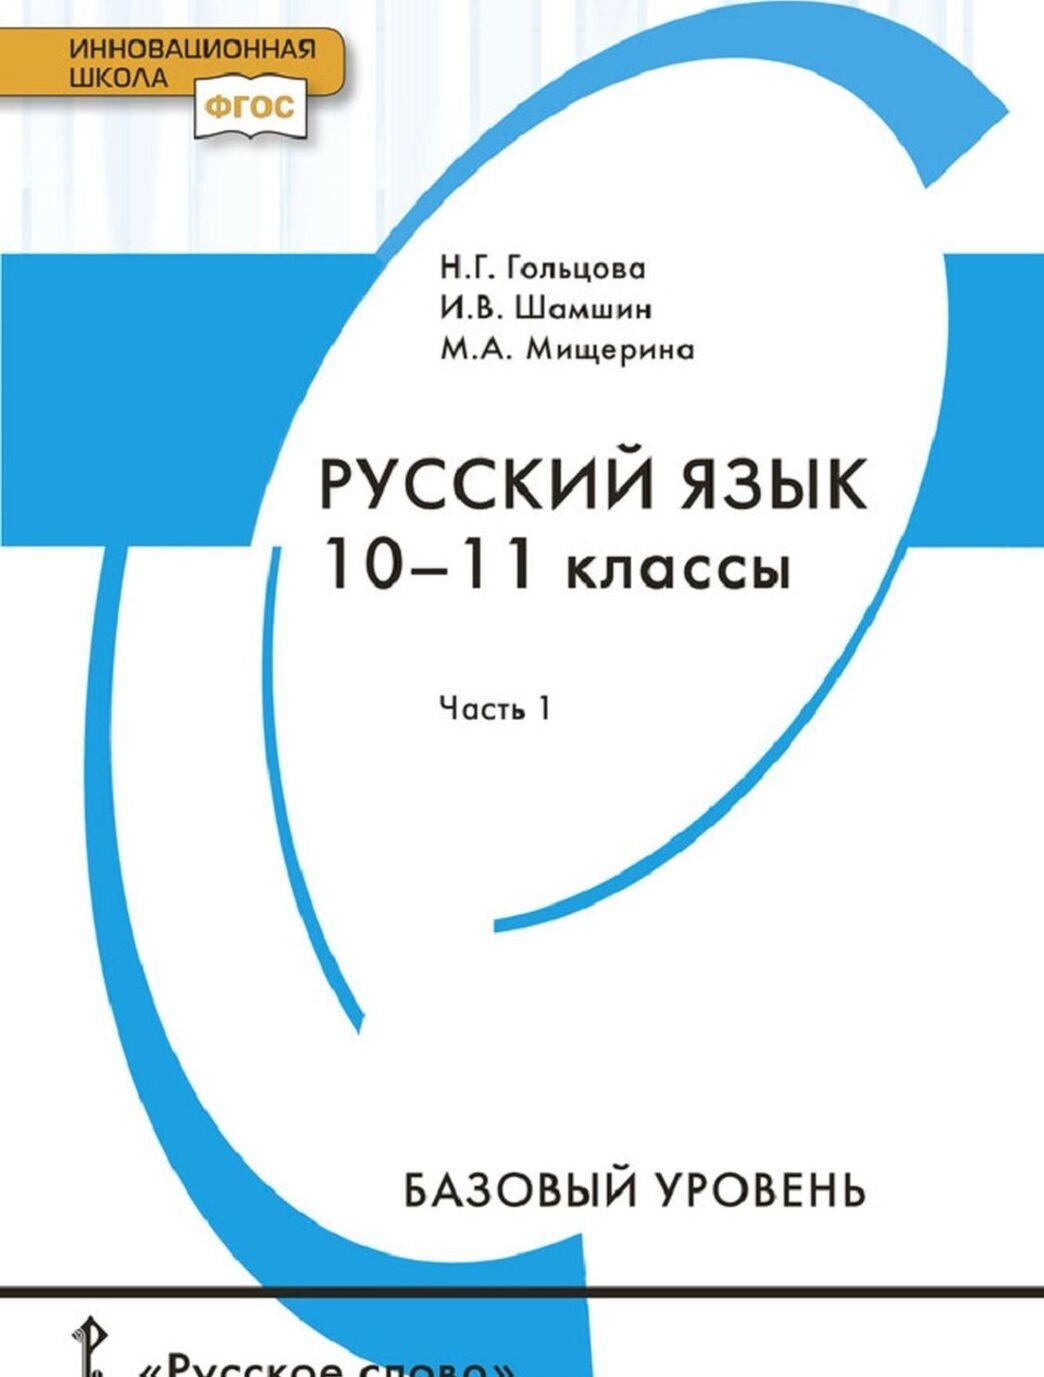 Русский язык. 10-11 классы. Базовый уровень. Учебник. В 2-х частях. Часть 1